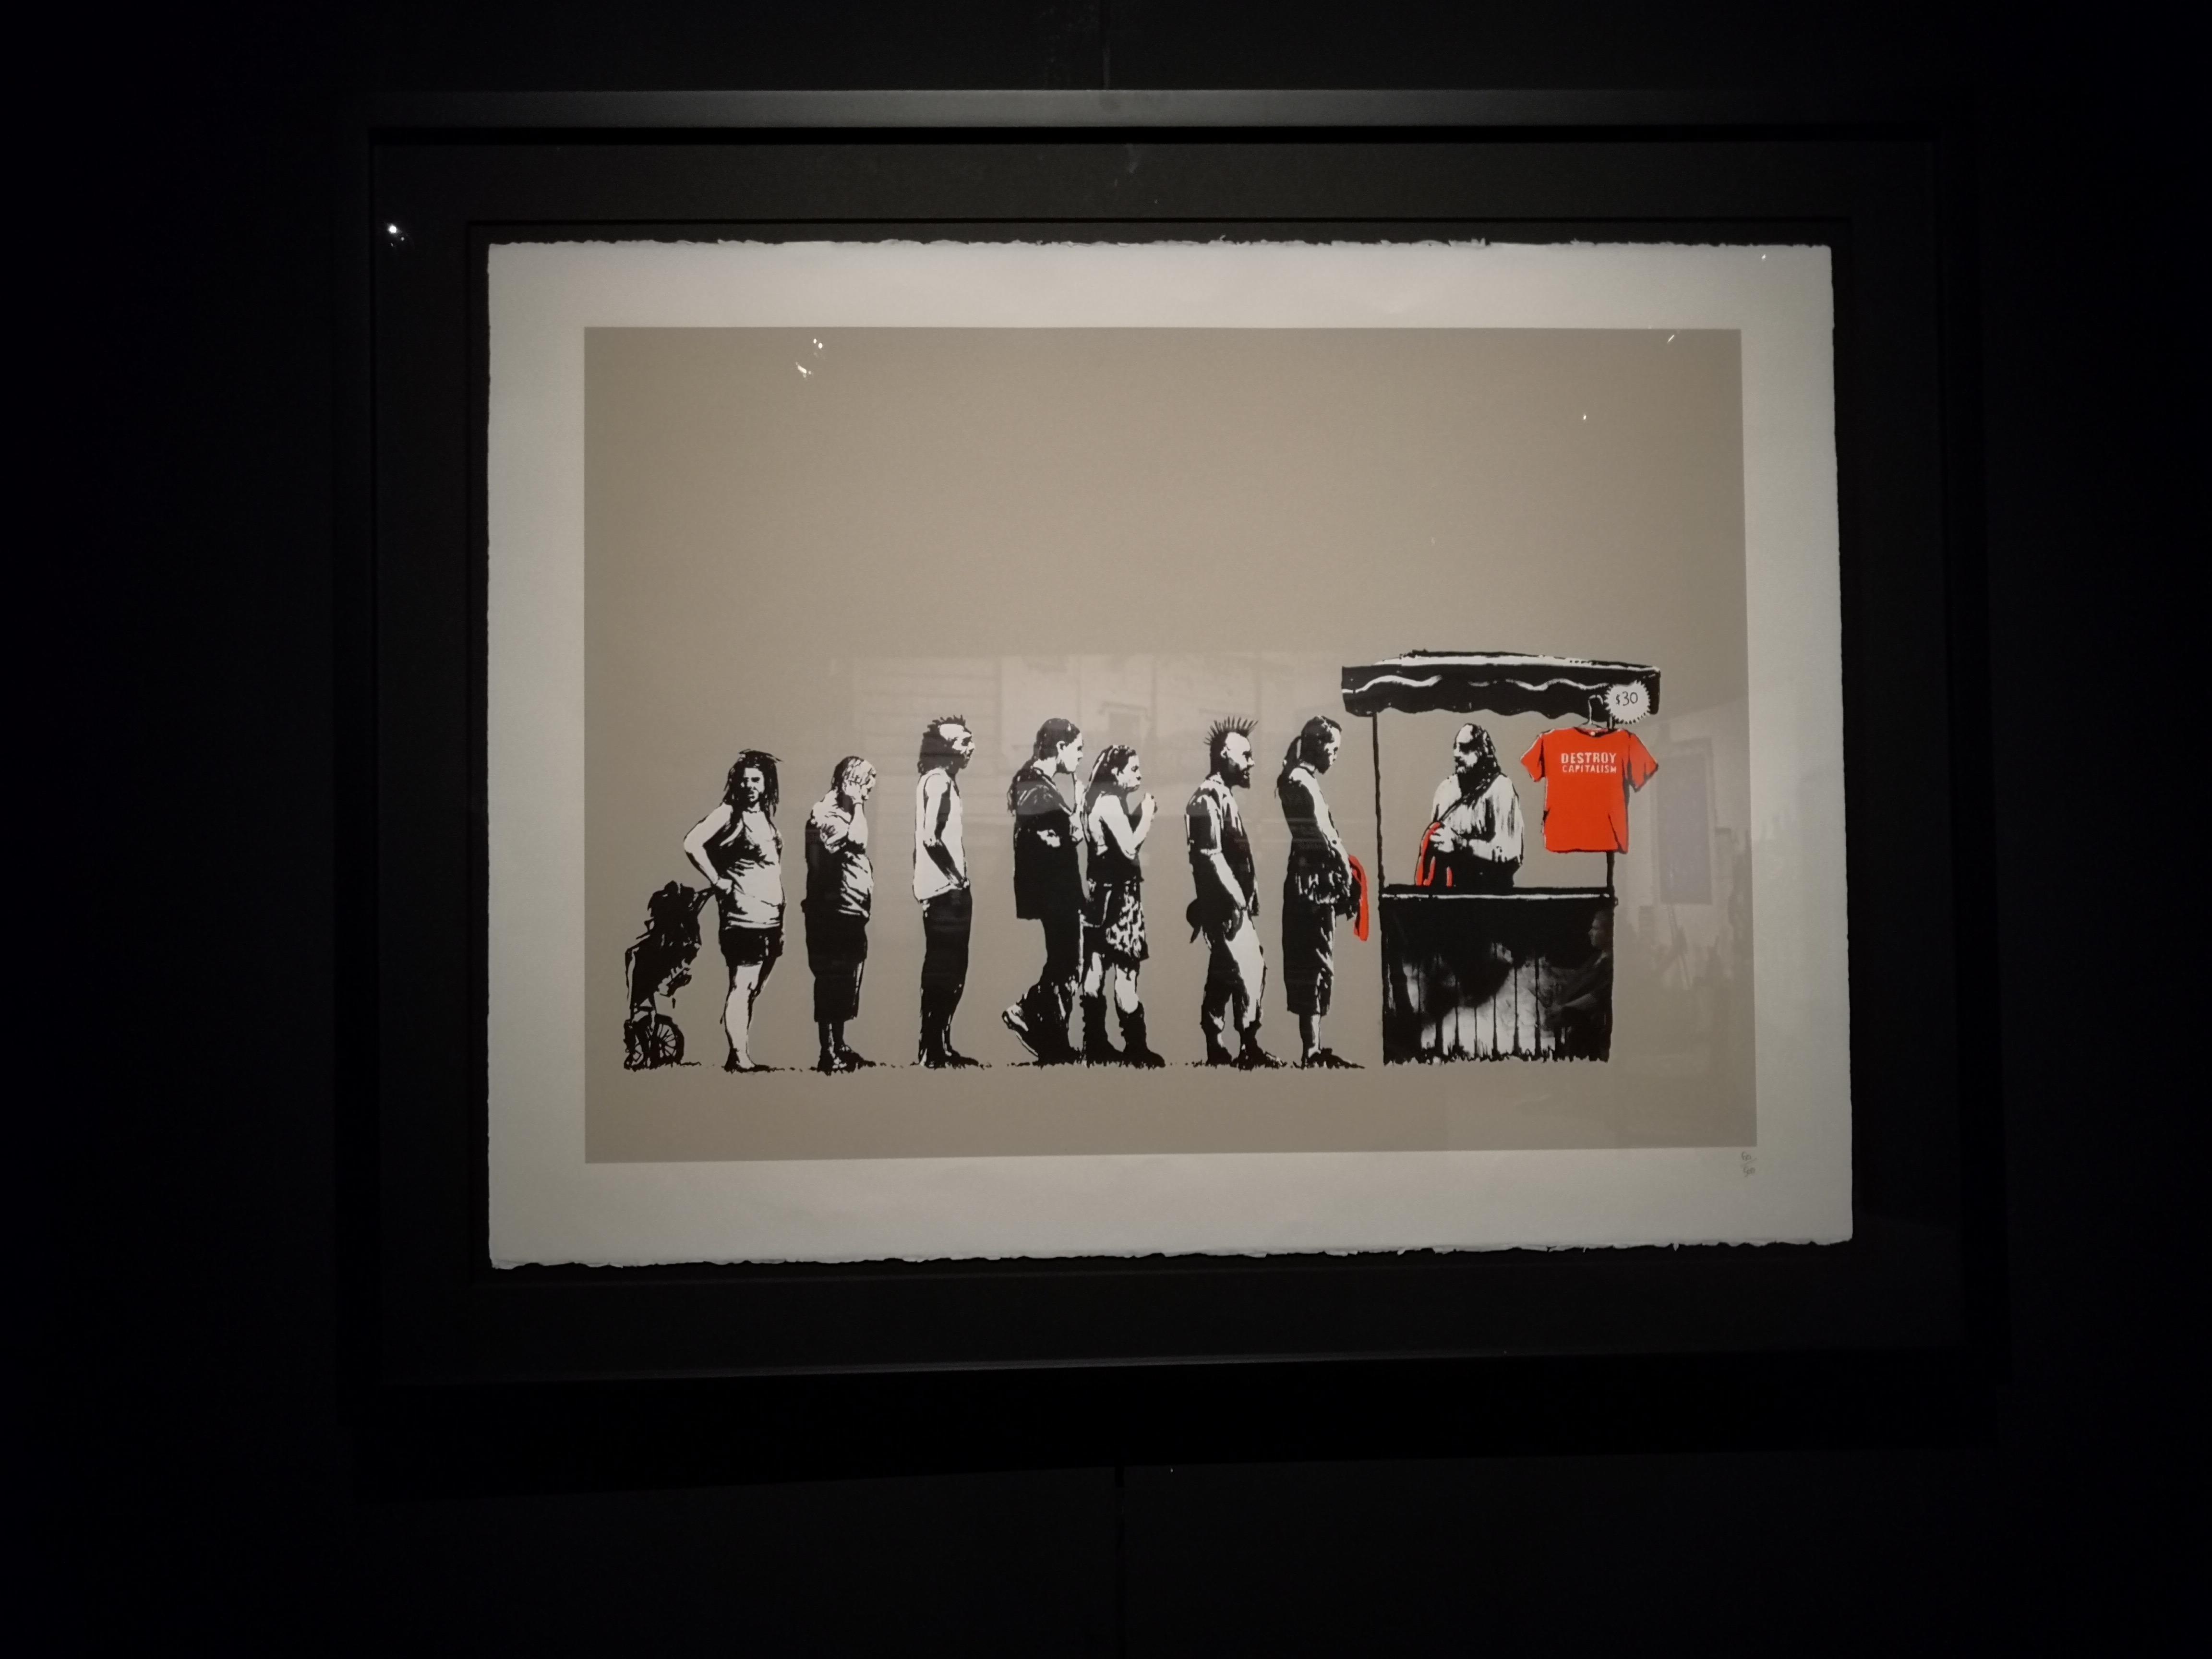 Cuadro 'Festival' de Banksy